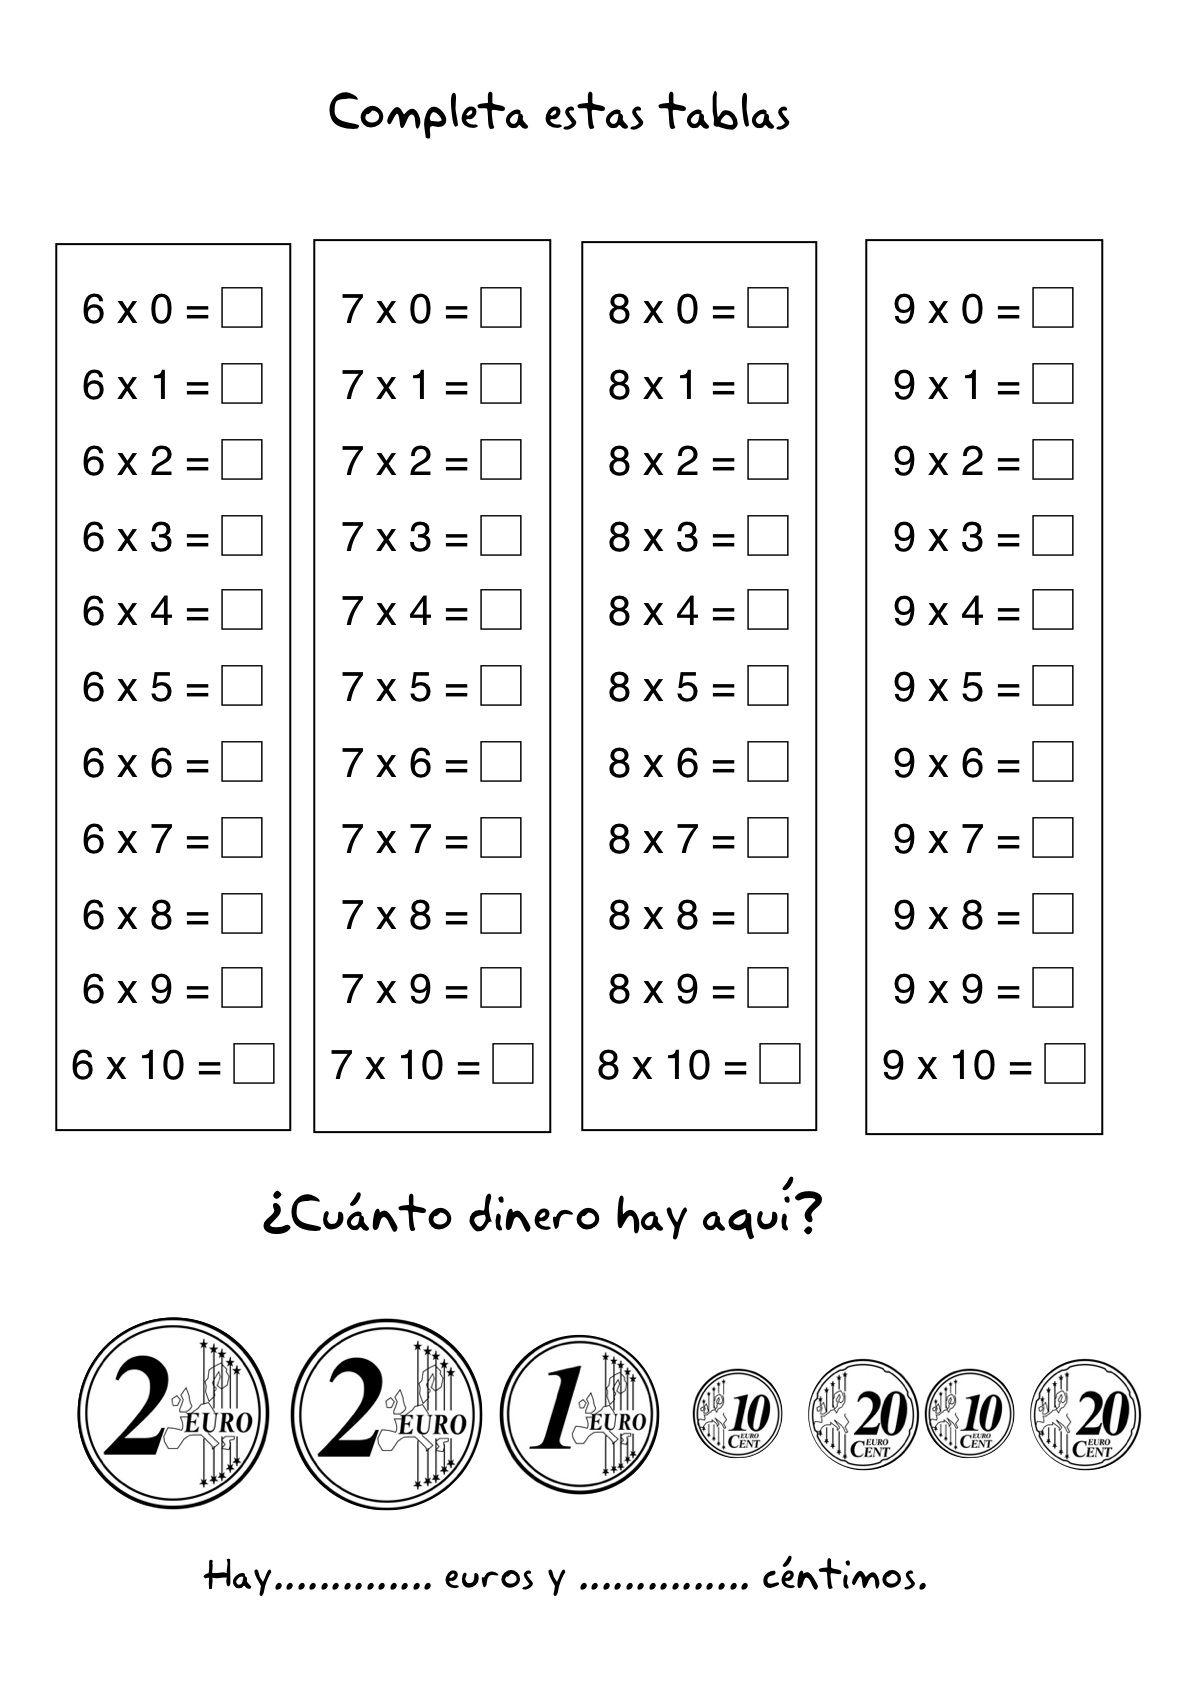 tablas de multiplicar ejercicios para resolver  Buscar con Google